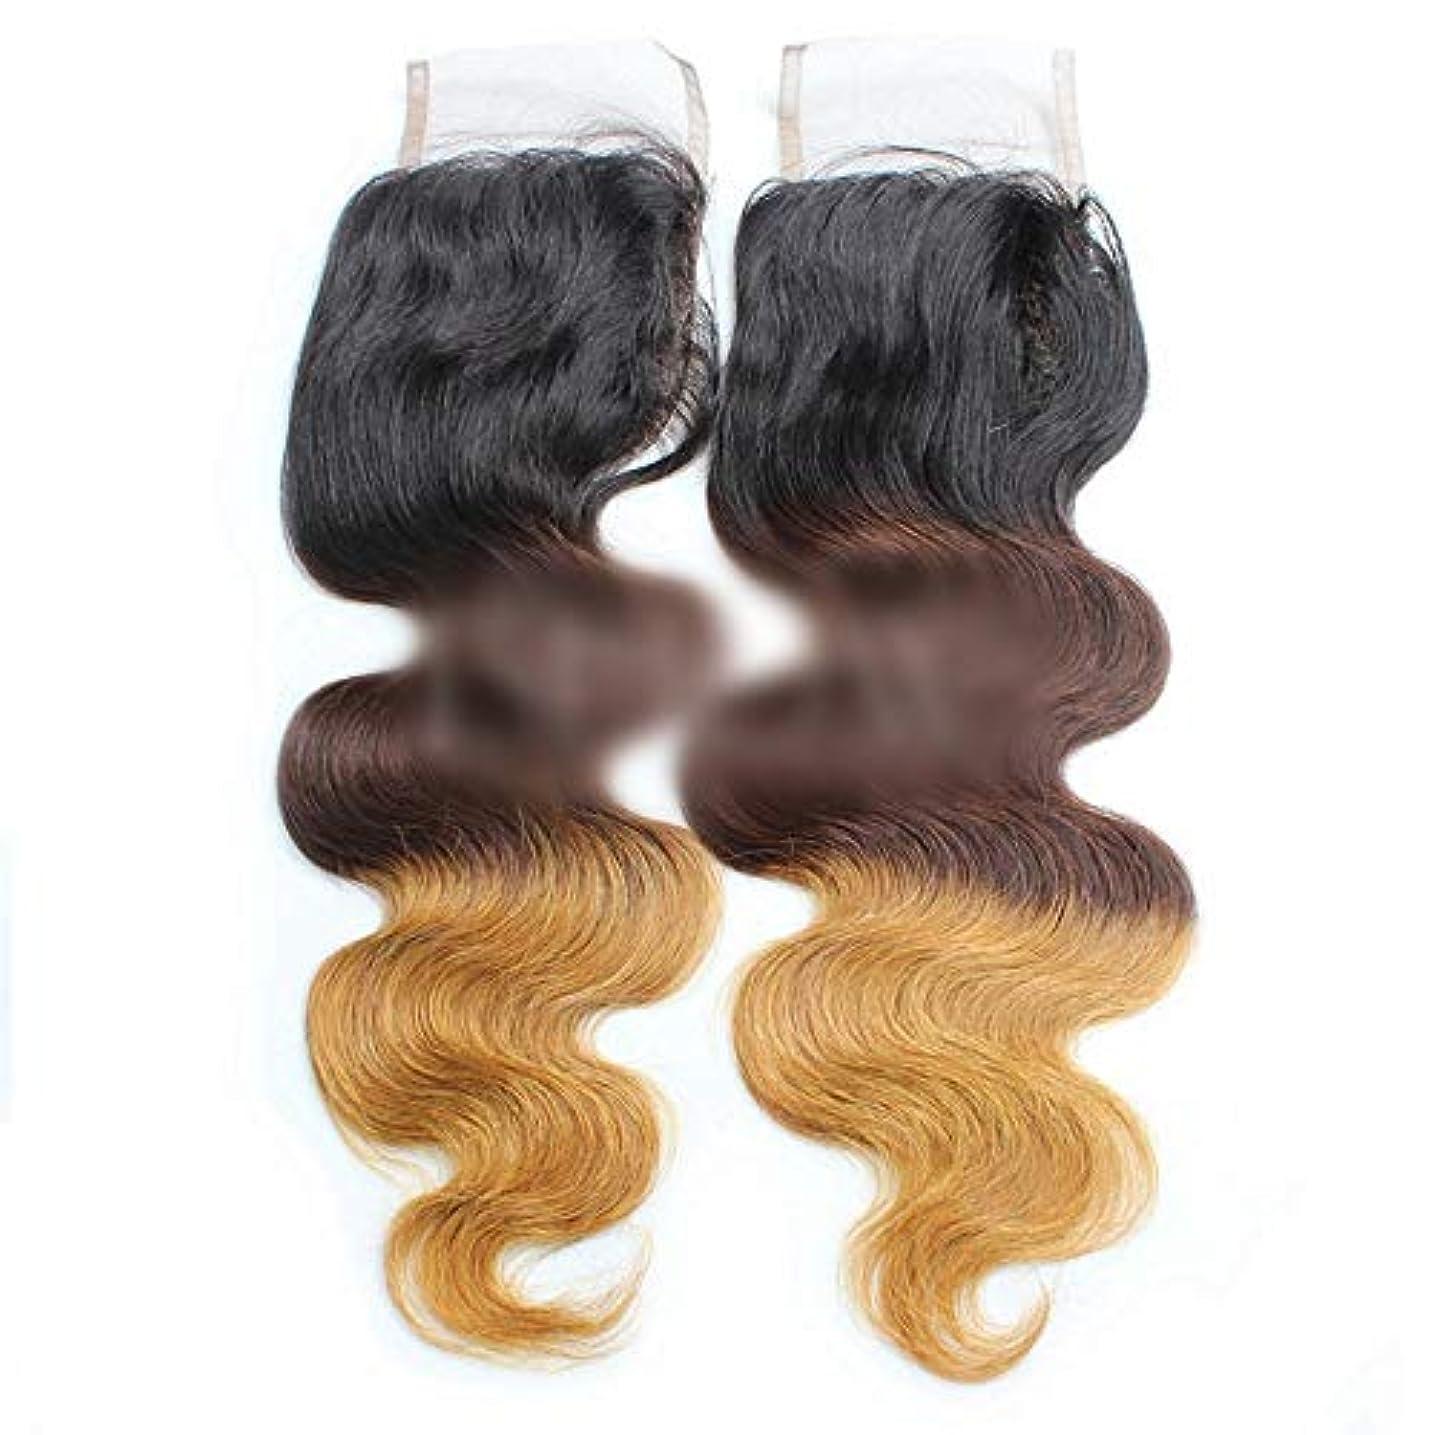 国旗霧バストWASAIO ブラウンのヘアエクステンションブラジルバンドルブラックは女性無料パート4×4インチのための3トーンの色人間の髪を金髪にします (色 : ブラウン, サイズ : 14 inch)